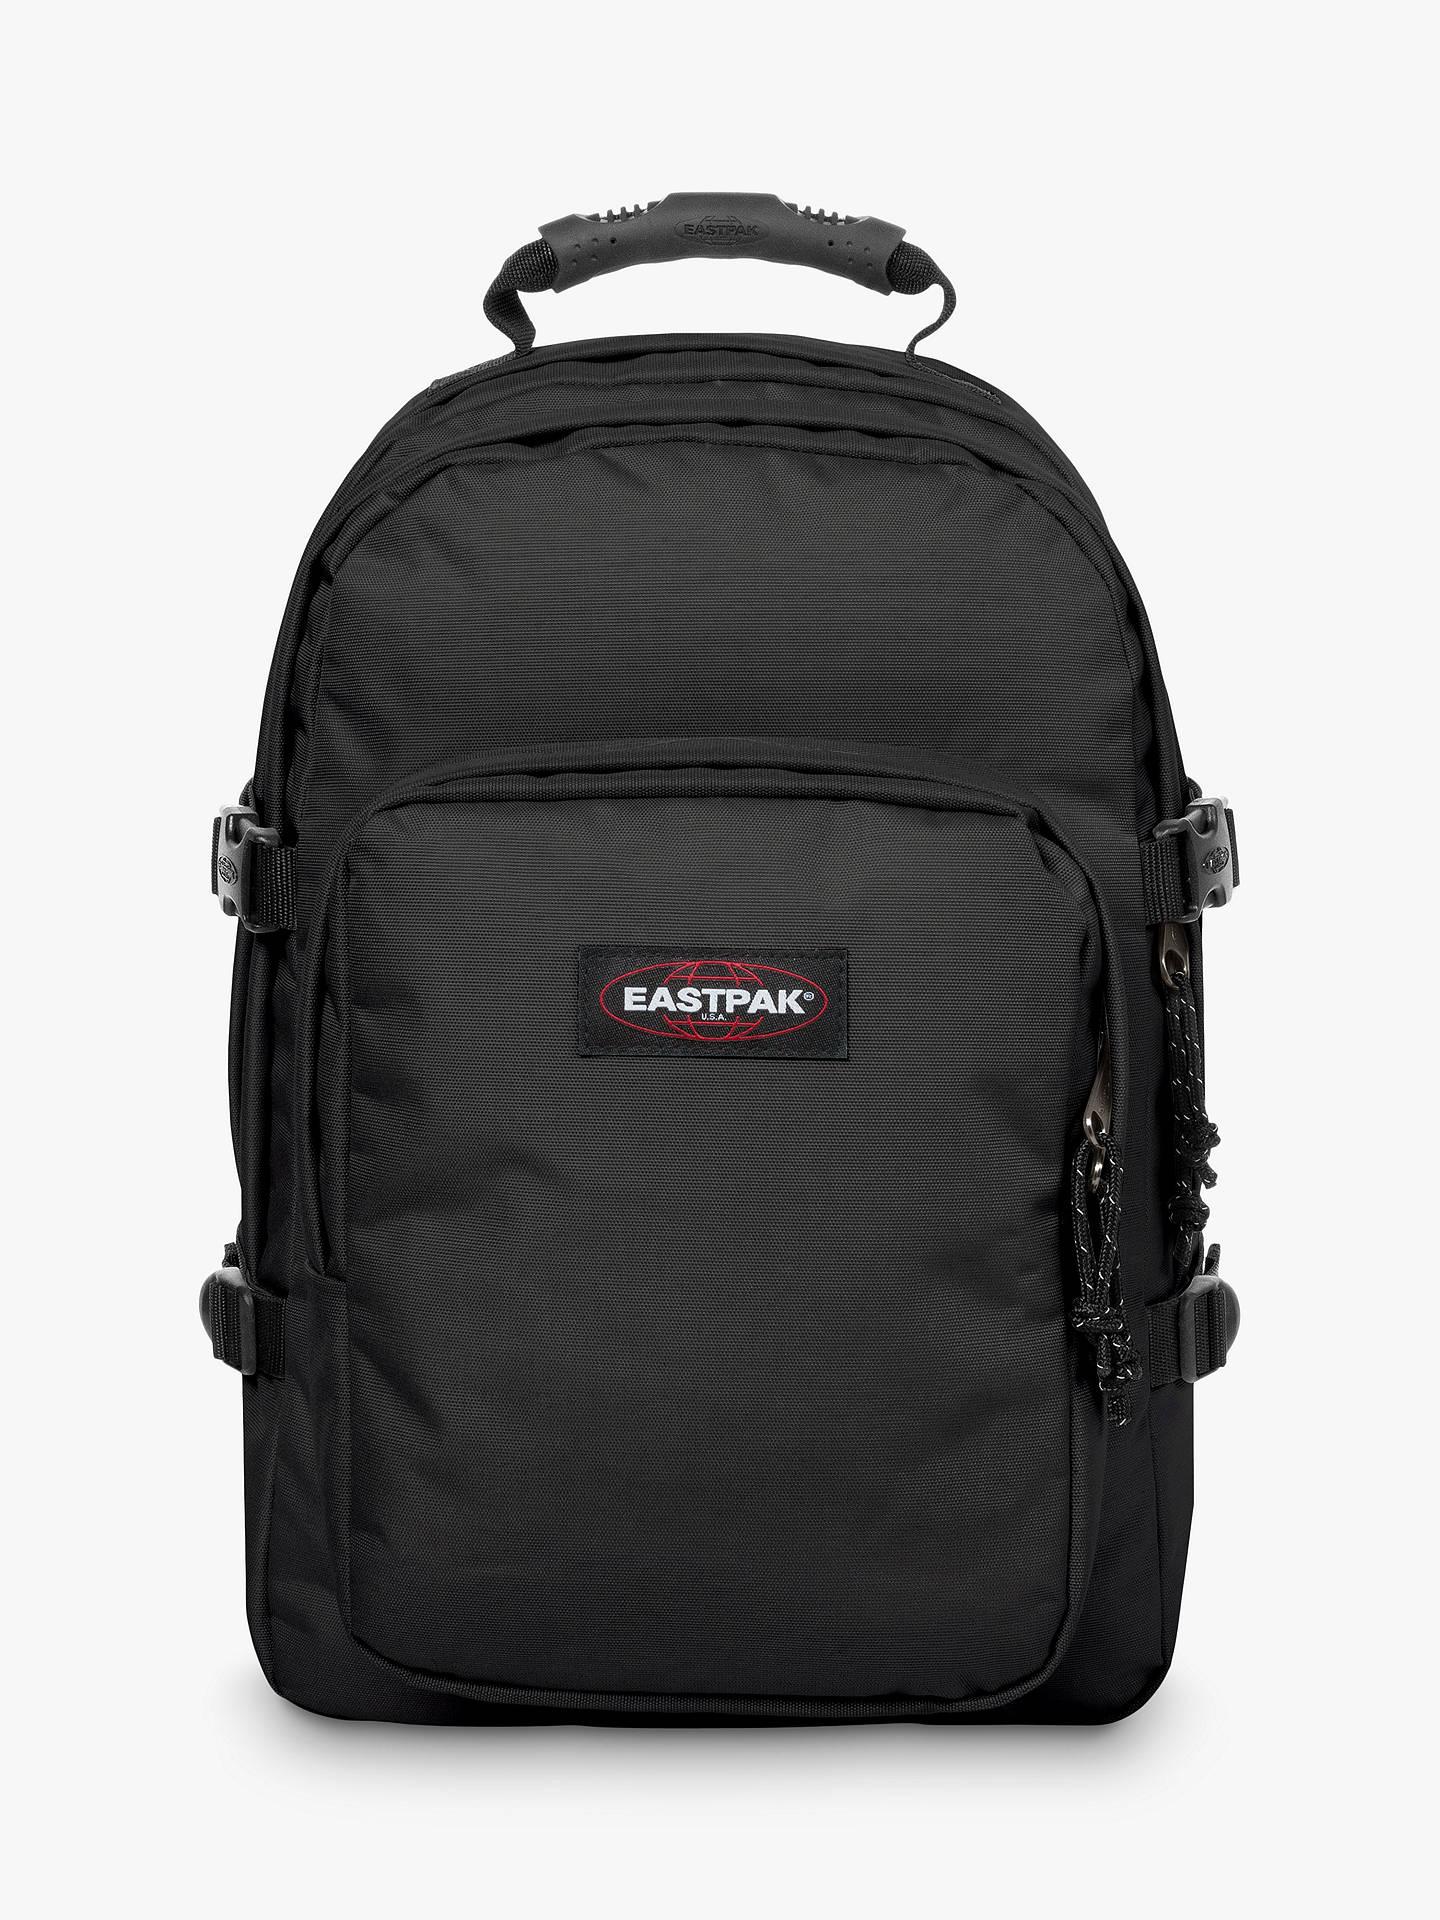 9b8f1395991626 Buy Eastpak Provider 15